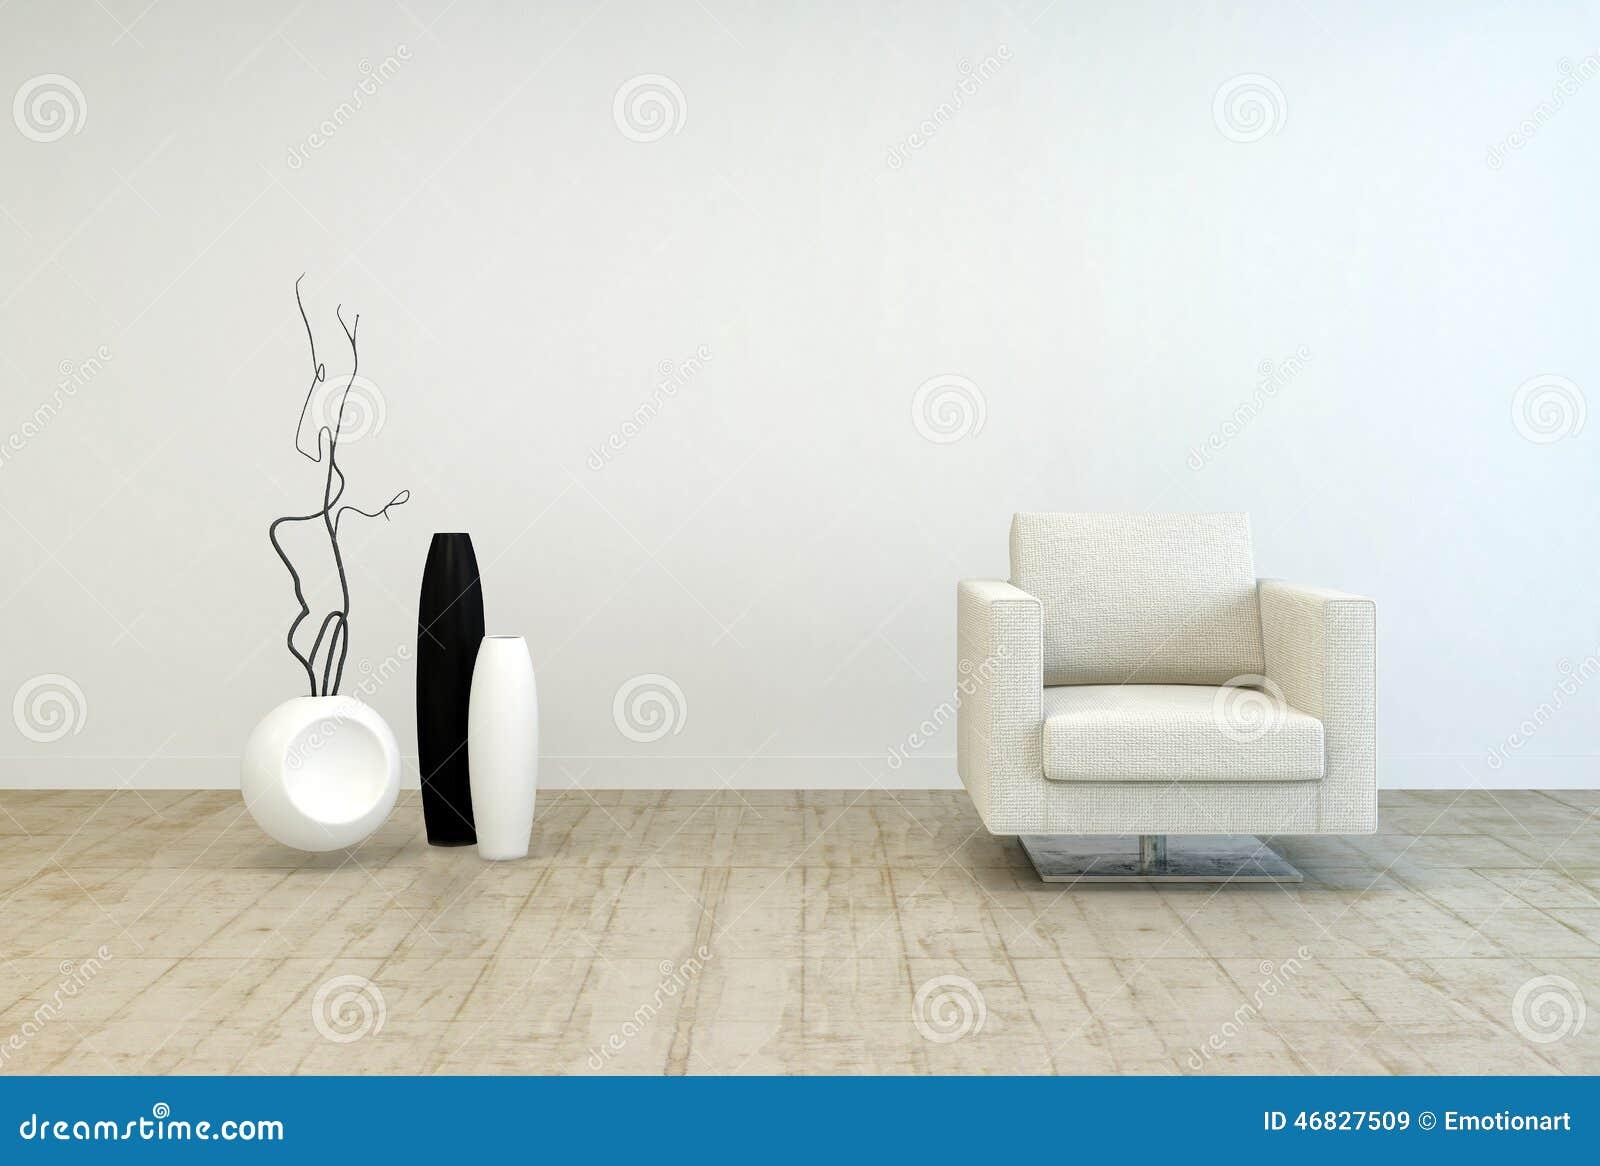 Weiße Stuhl-und Vasen-Dekors Am Wohnzimmer Stock Abbildung ...